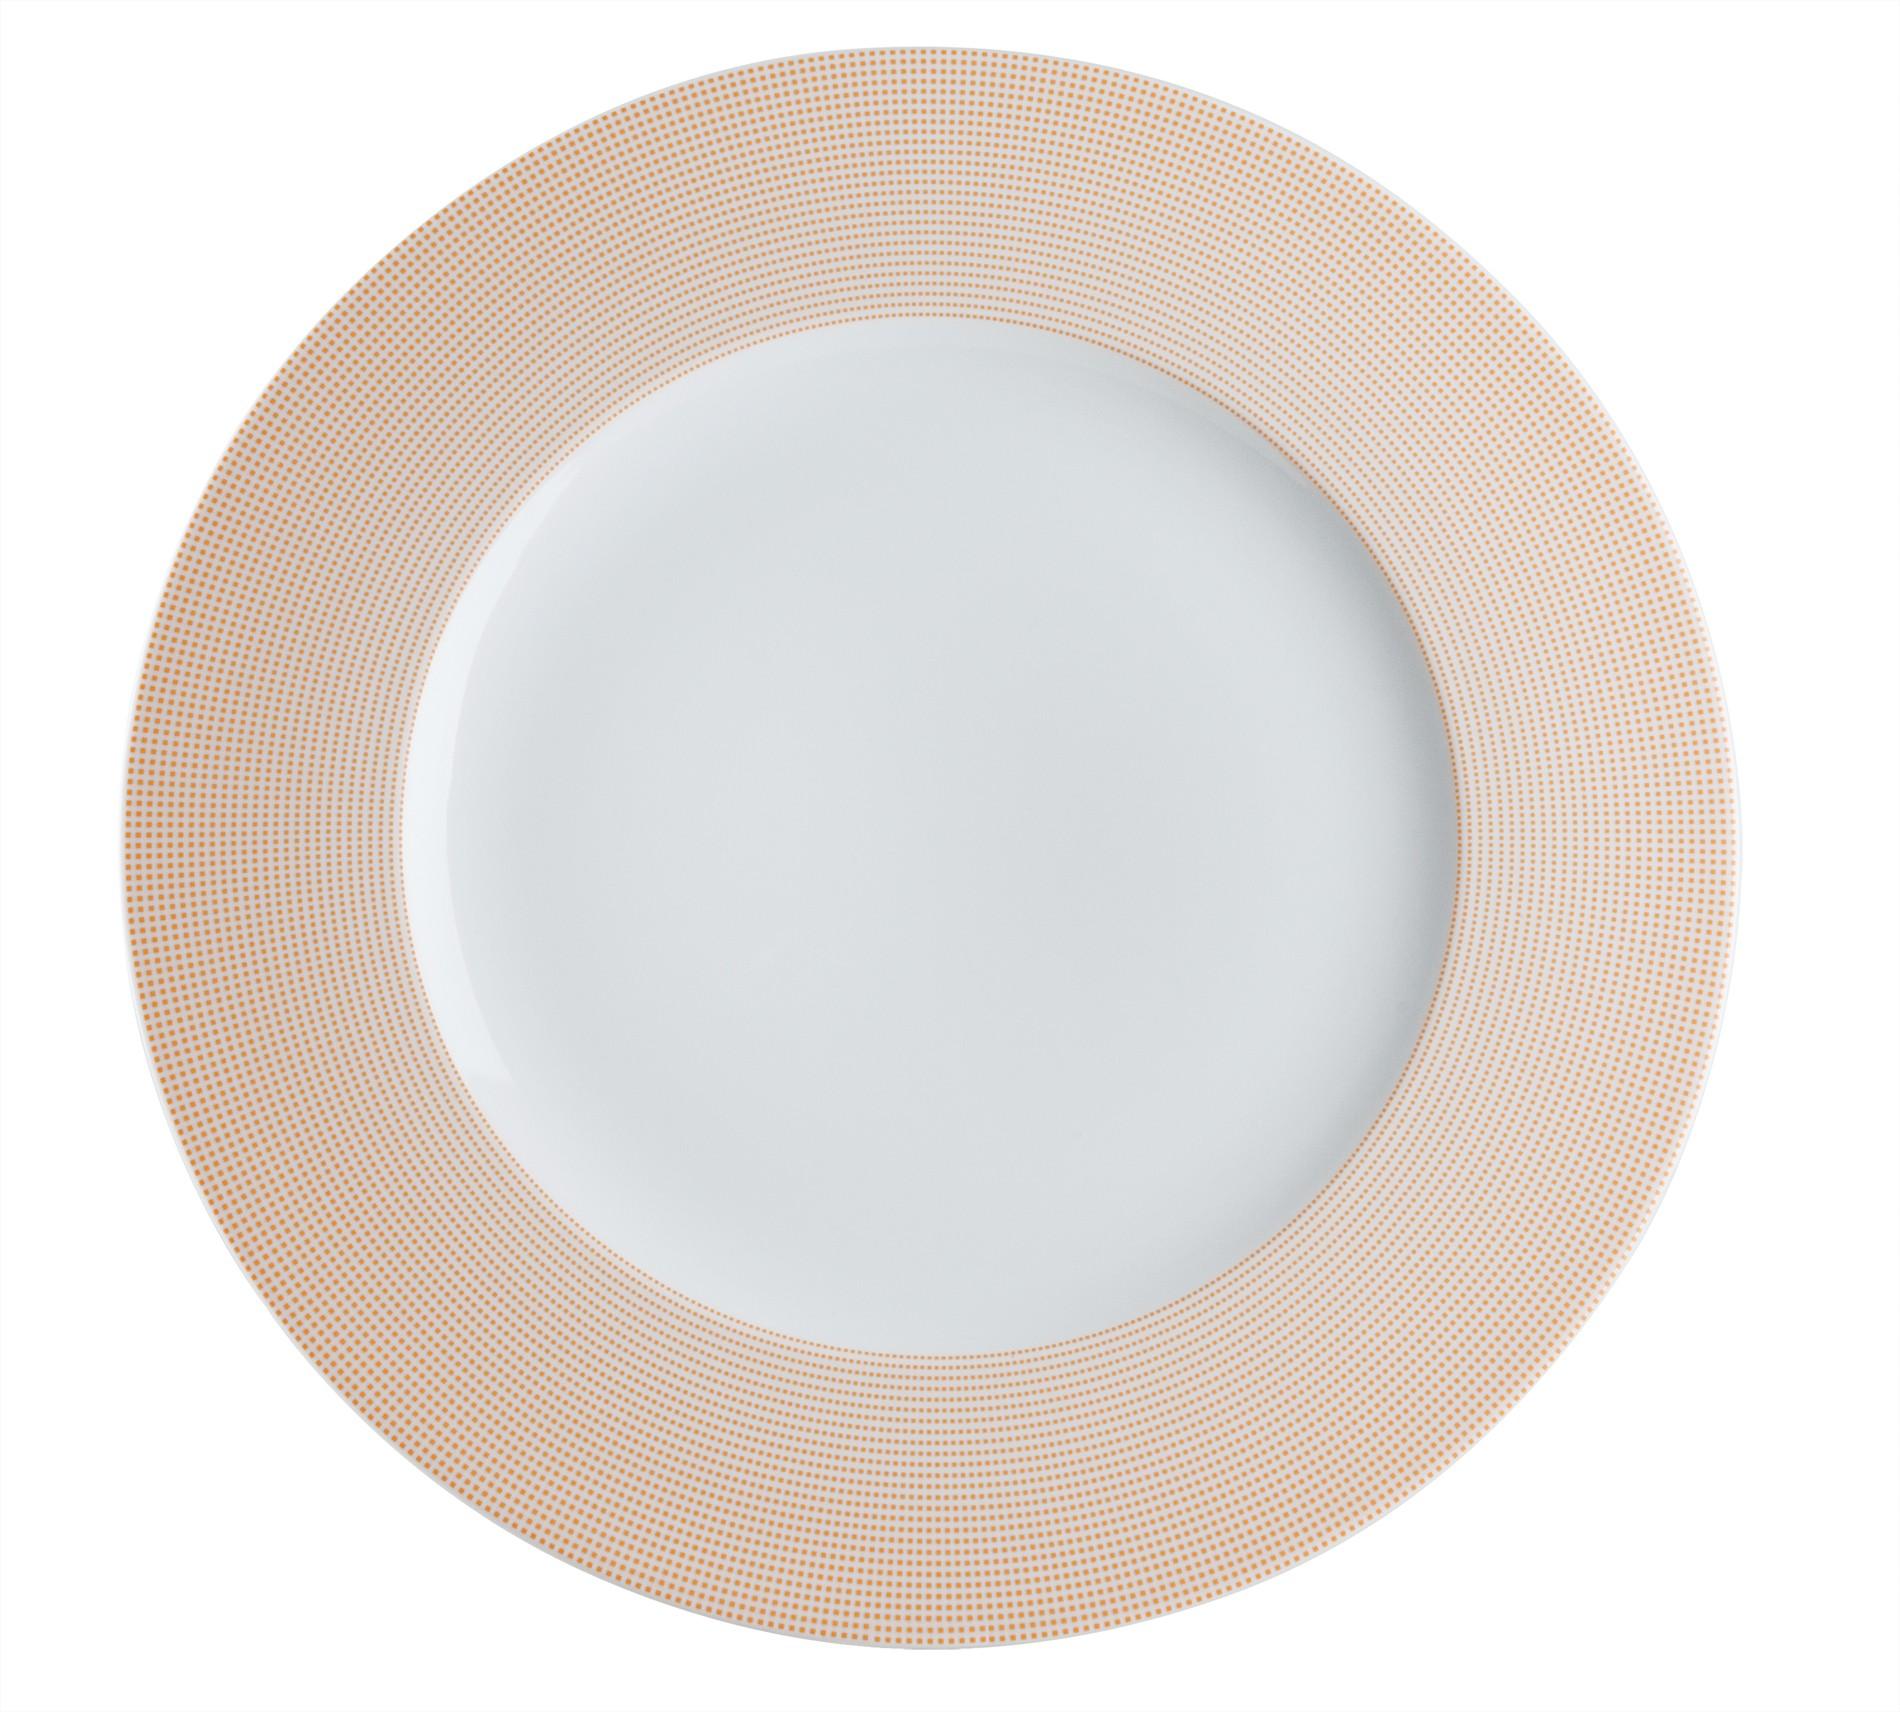 Πιάτο Φρούτου Σετ 6Τμχ Punto Orange 21cm Ionia home   ειδη σερβιρισματος   πιάτα